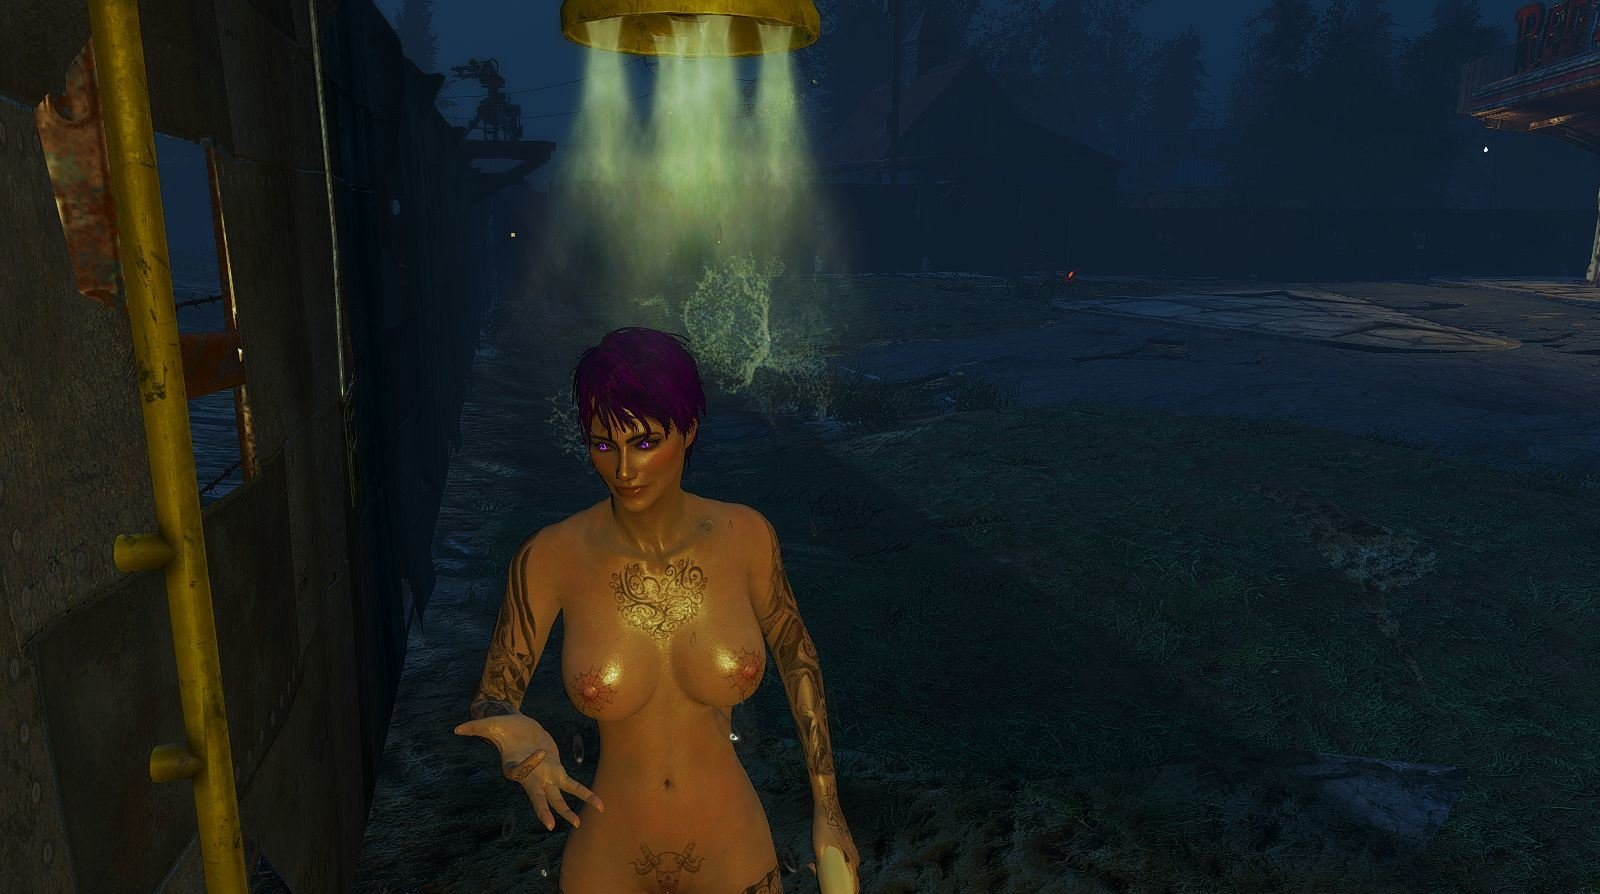 Вечерний душ.. Fallout-4 (Сборка 6.5)